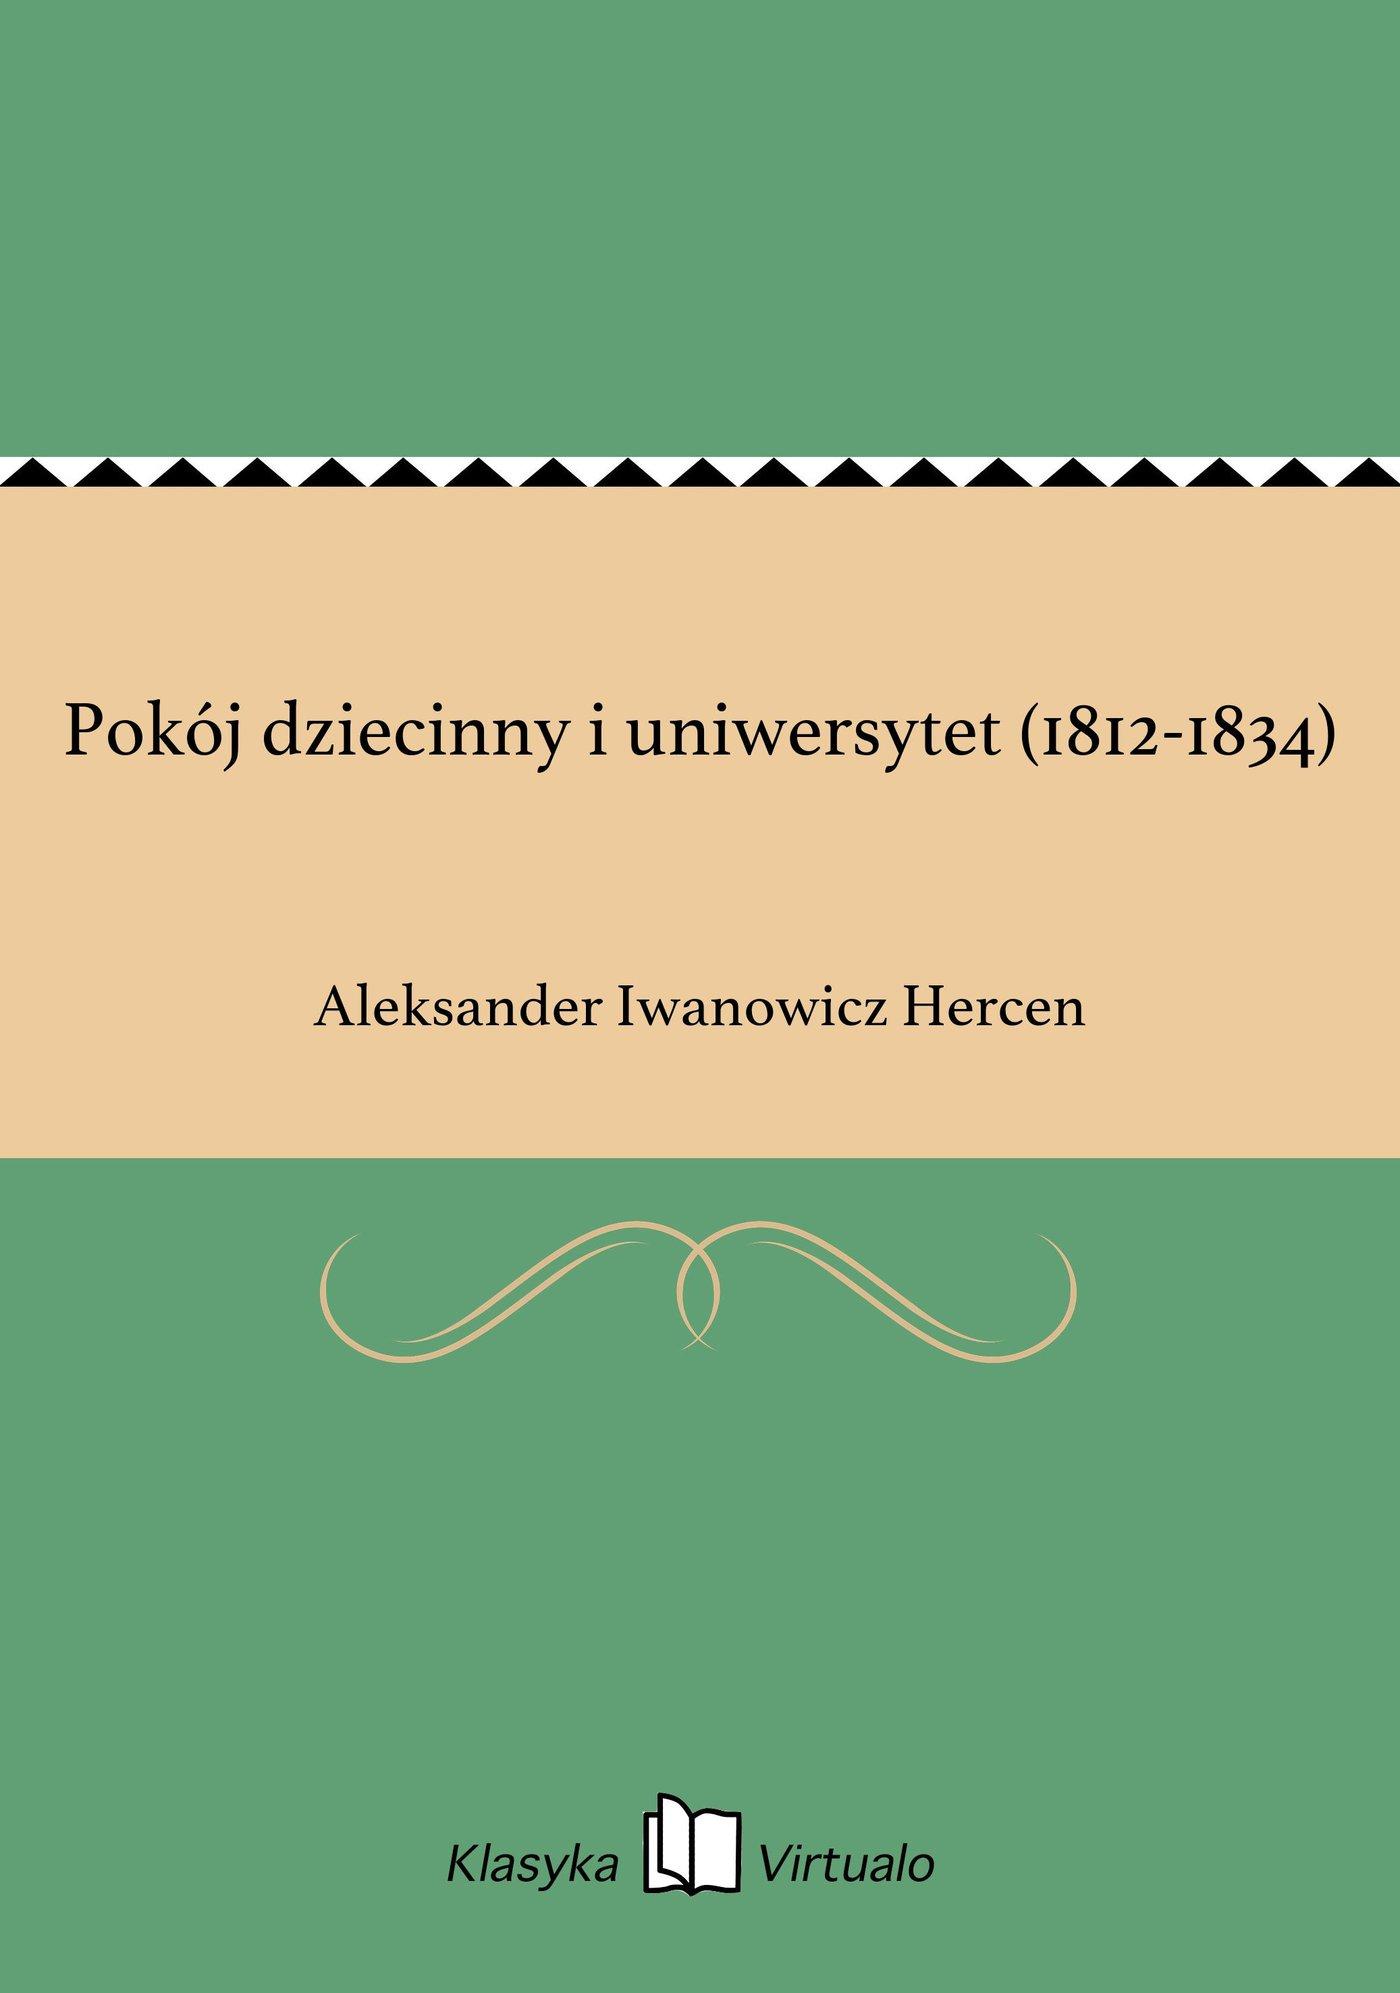 Pokój dziecinny i uniwersytet (1812-1834) - Ebook (Książka EPUB) do pobrania w formacie EPUB